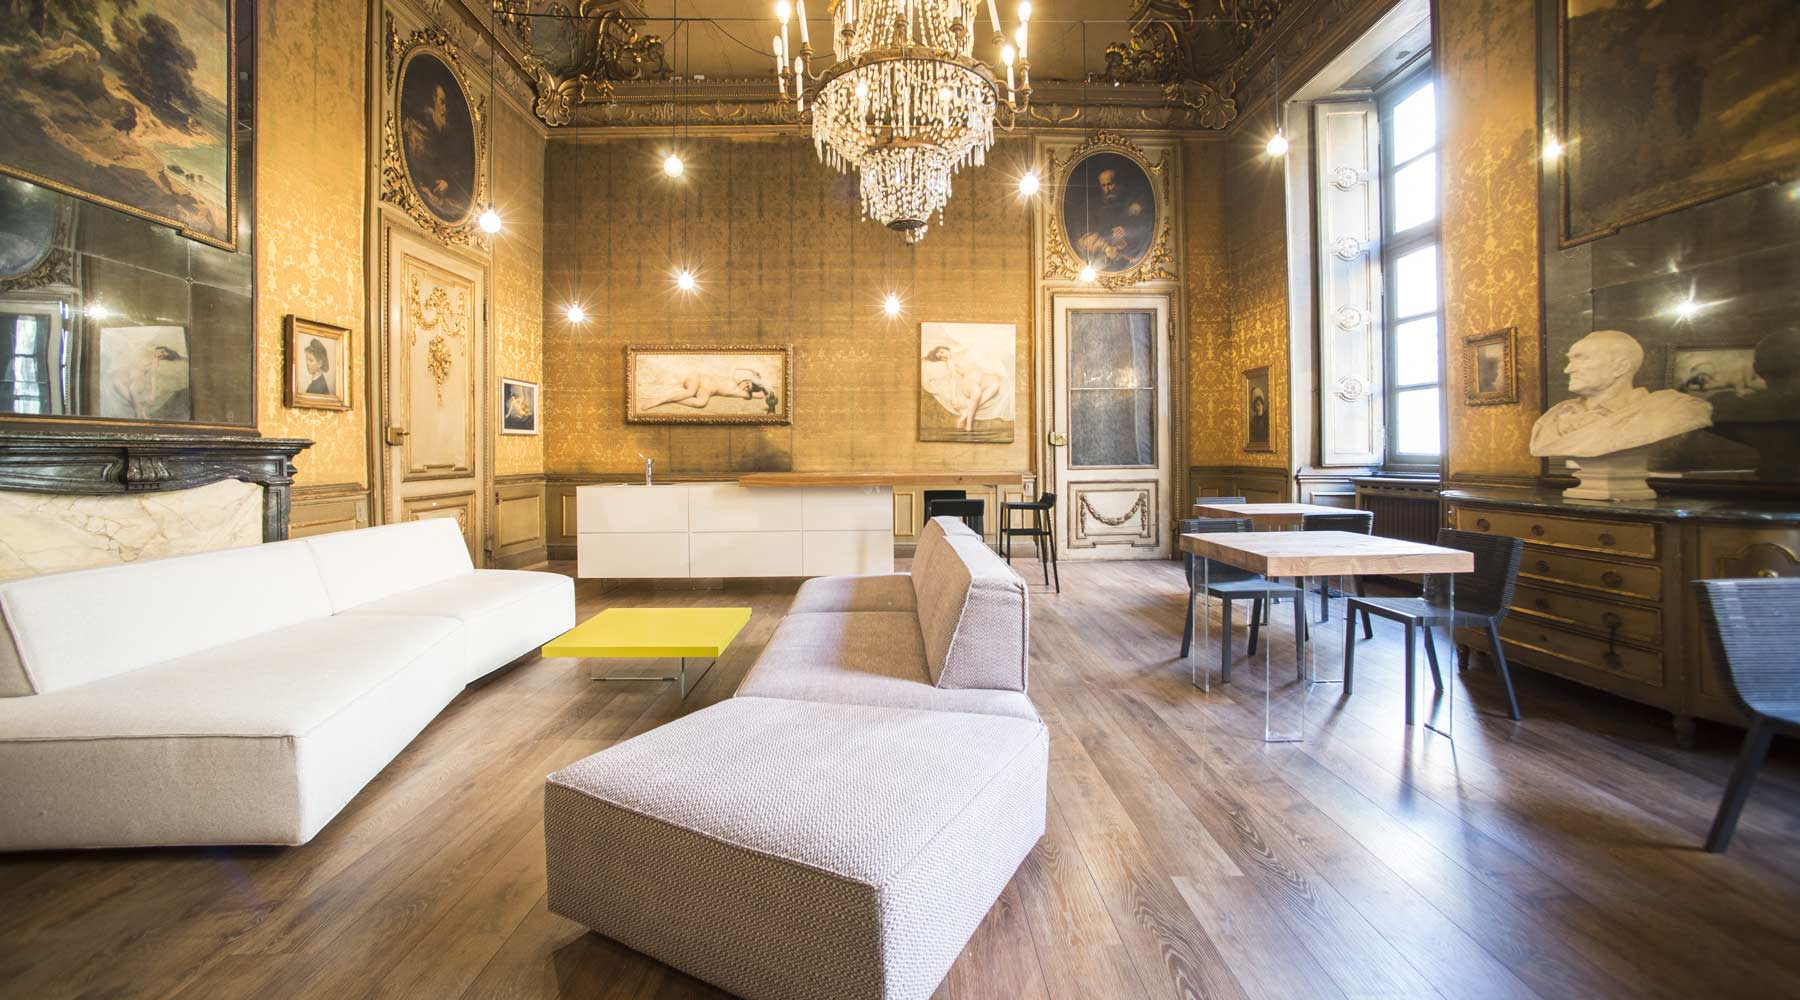 Cecchini Mobili Camere Da Letto.Showroom Cecchini Alta 5 Cecchini Arreda